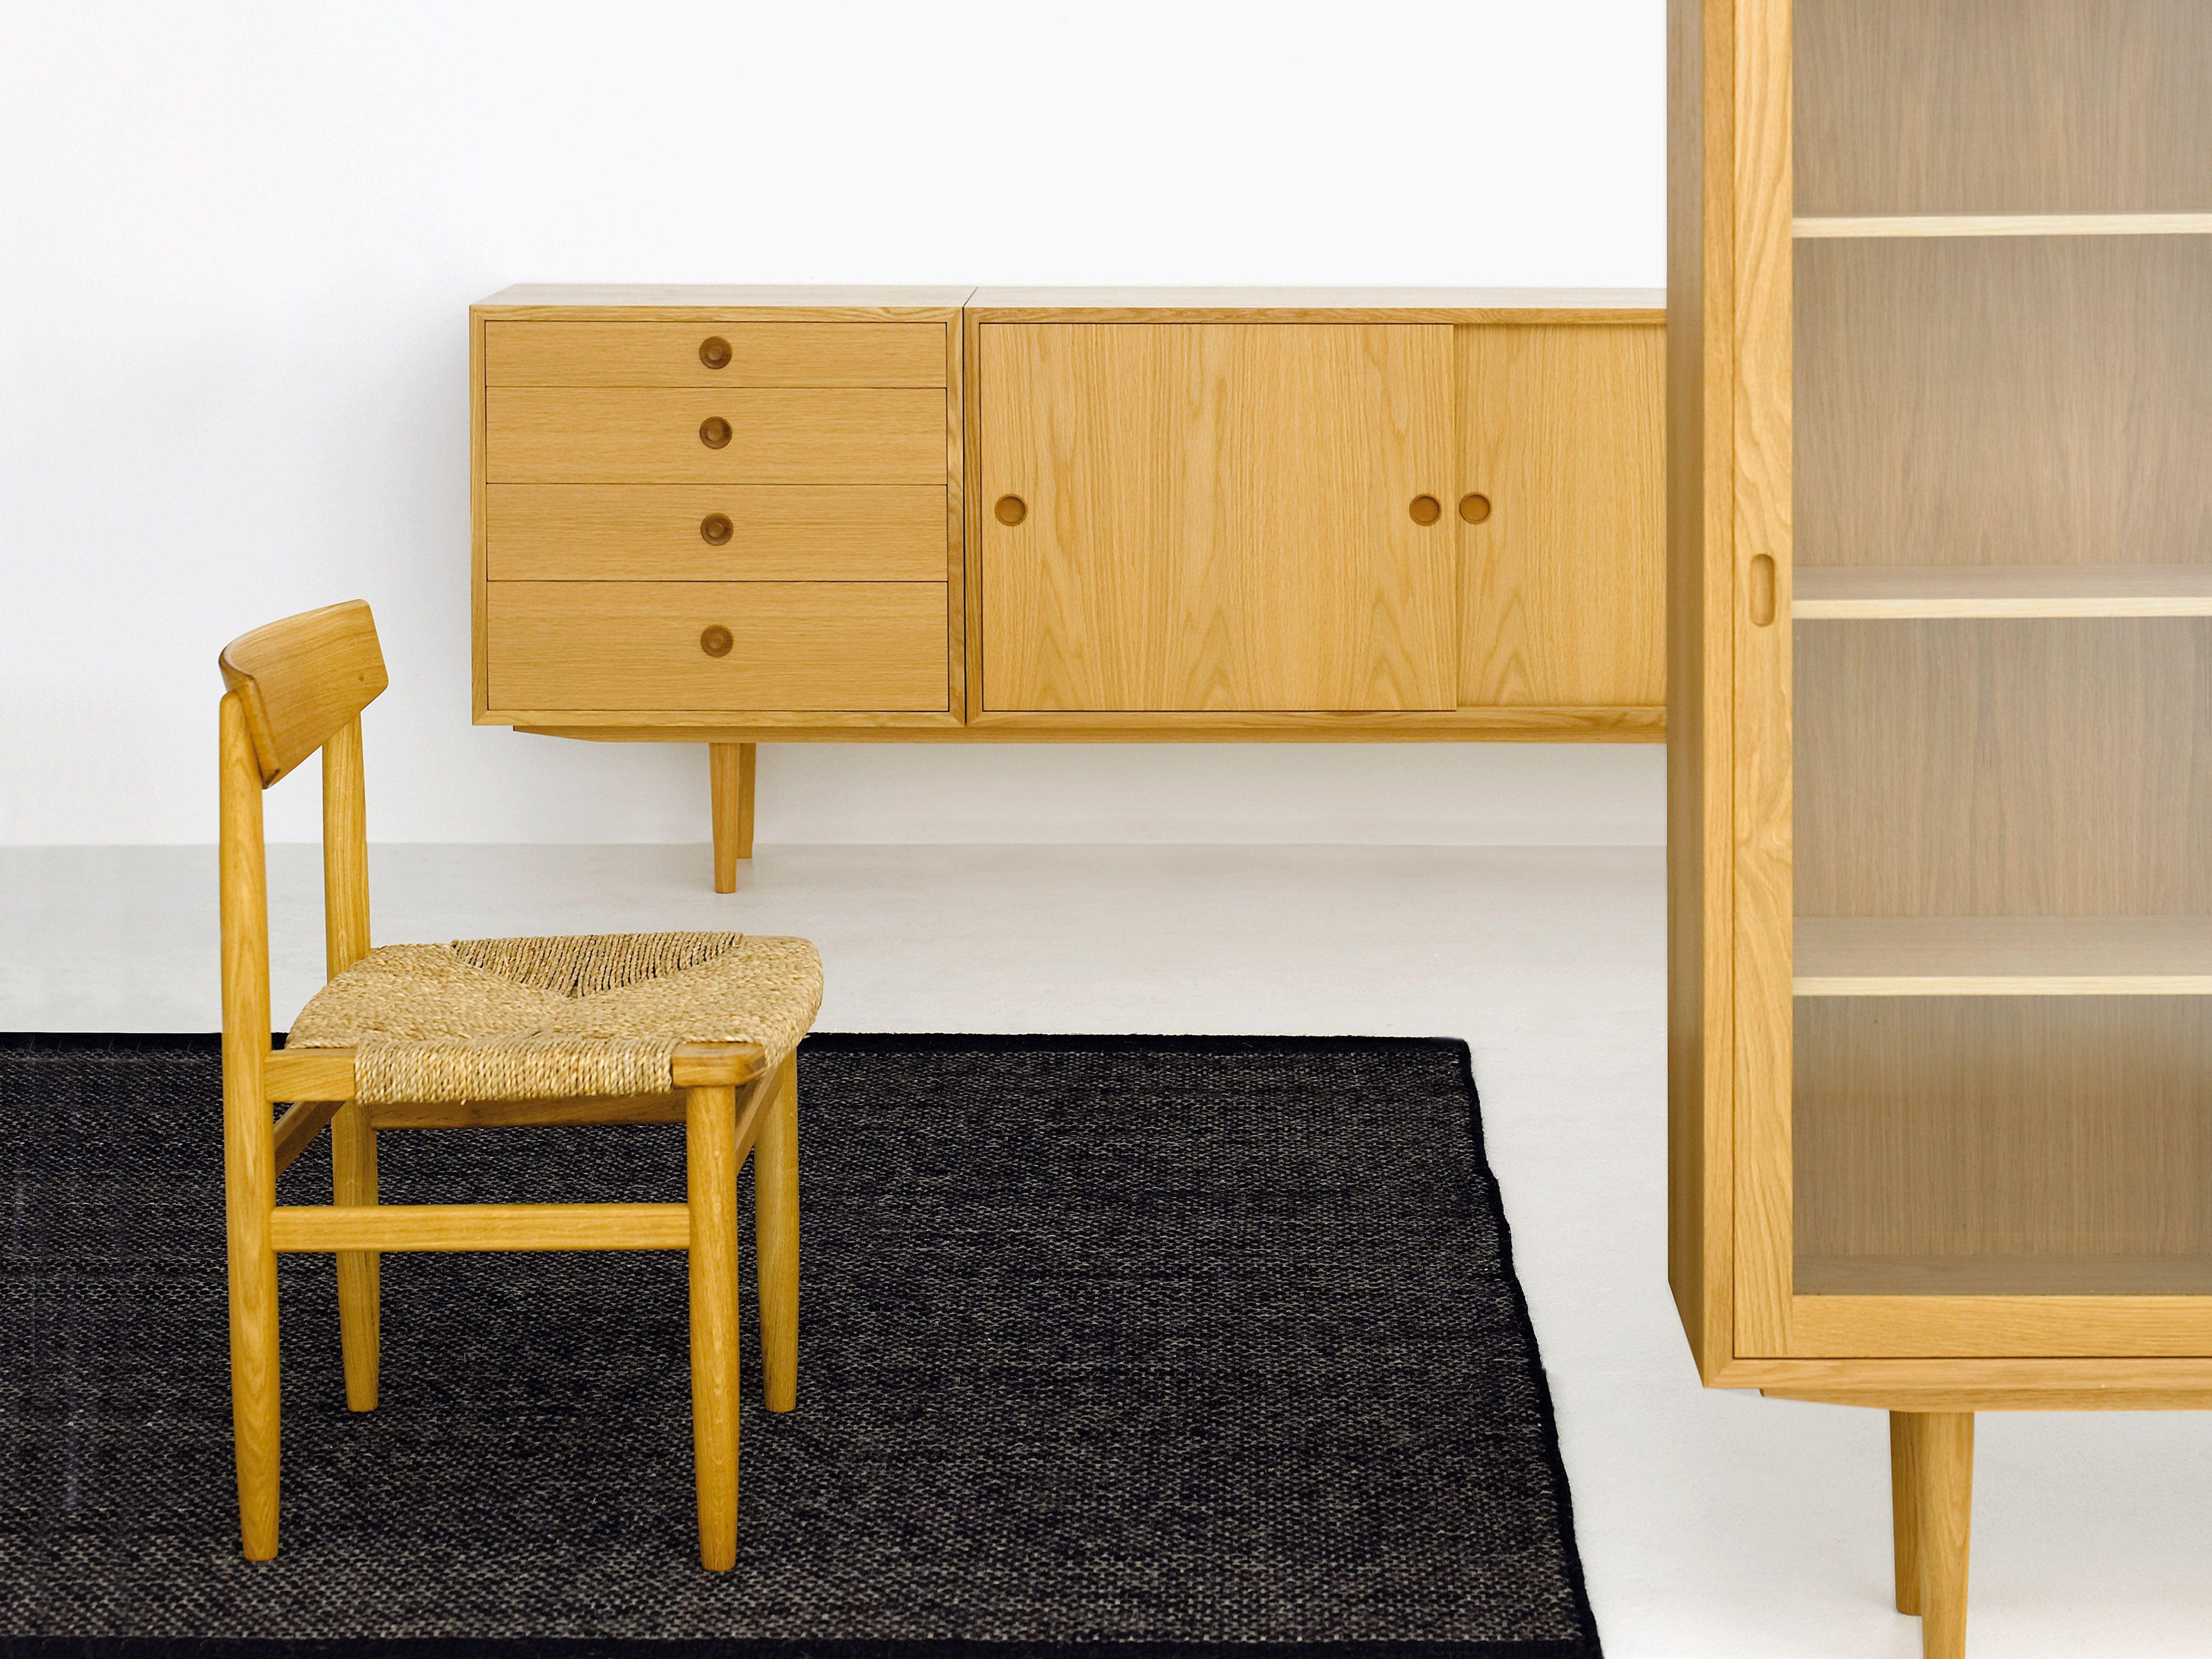 Öresund storage and chair design børge mogensen produced by karl